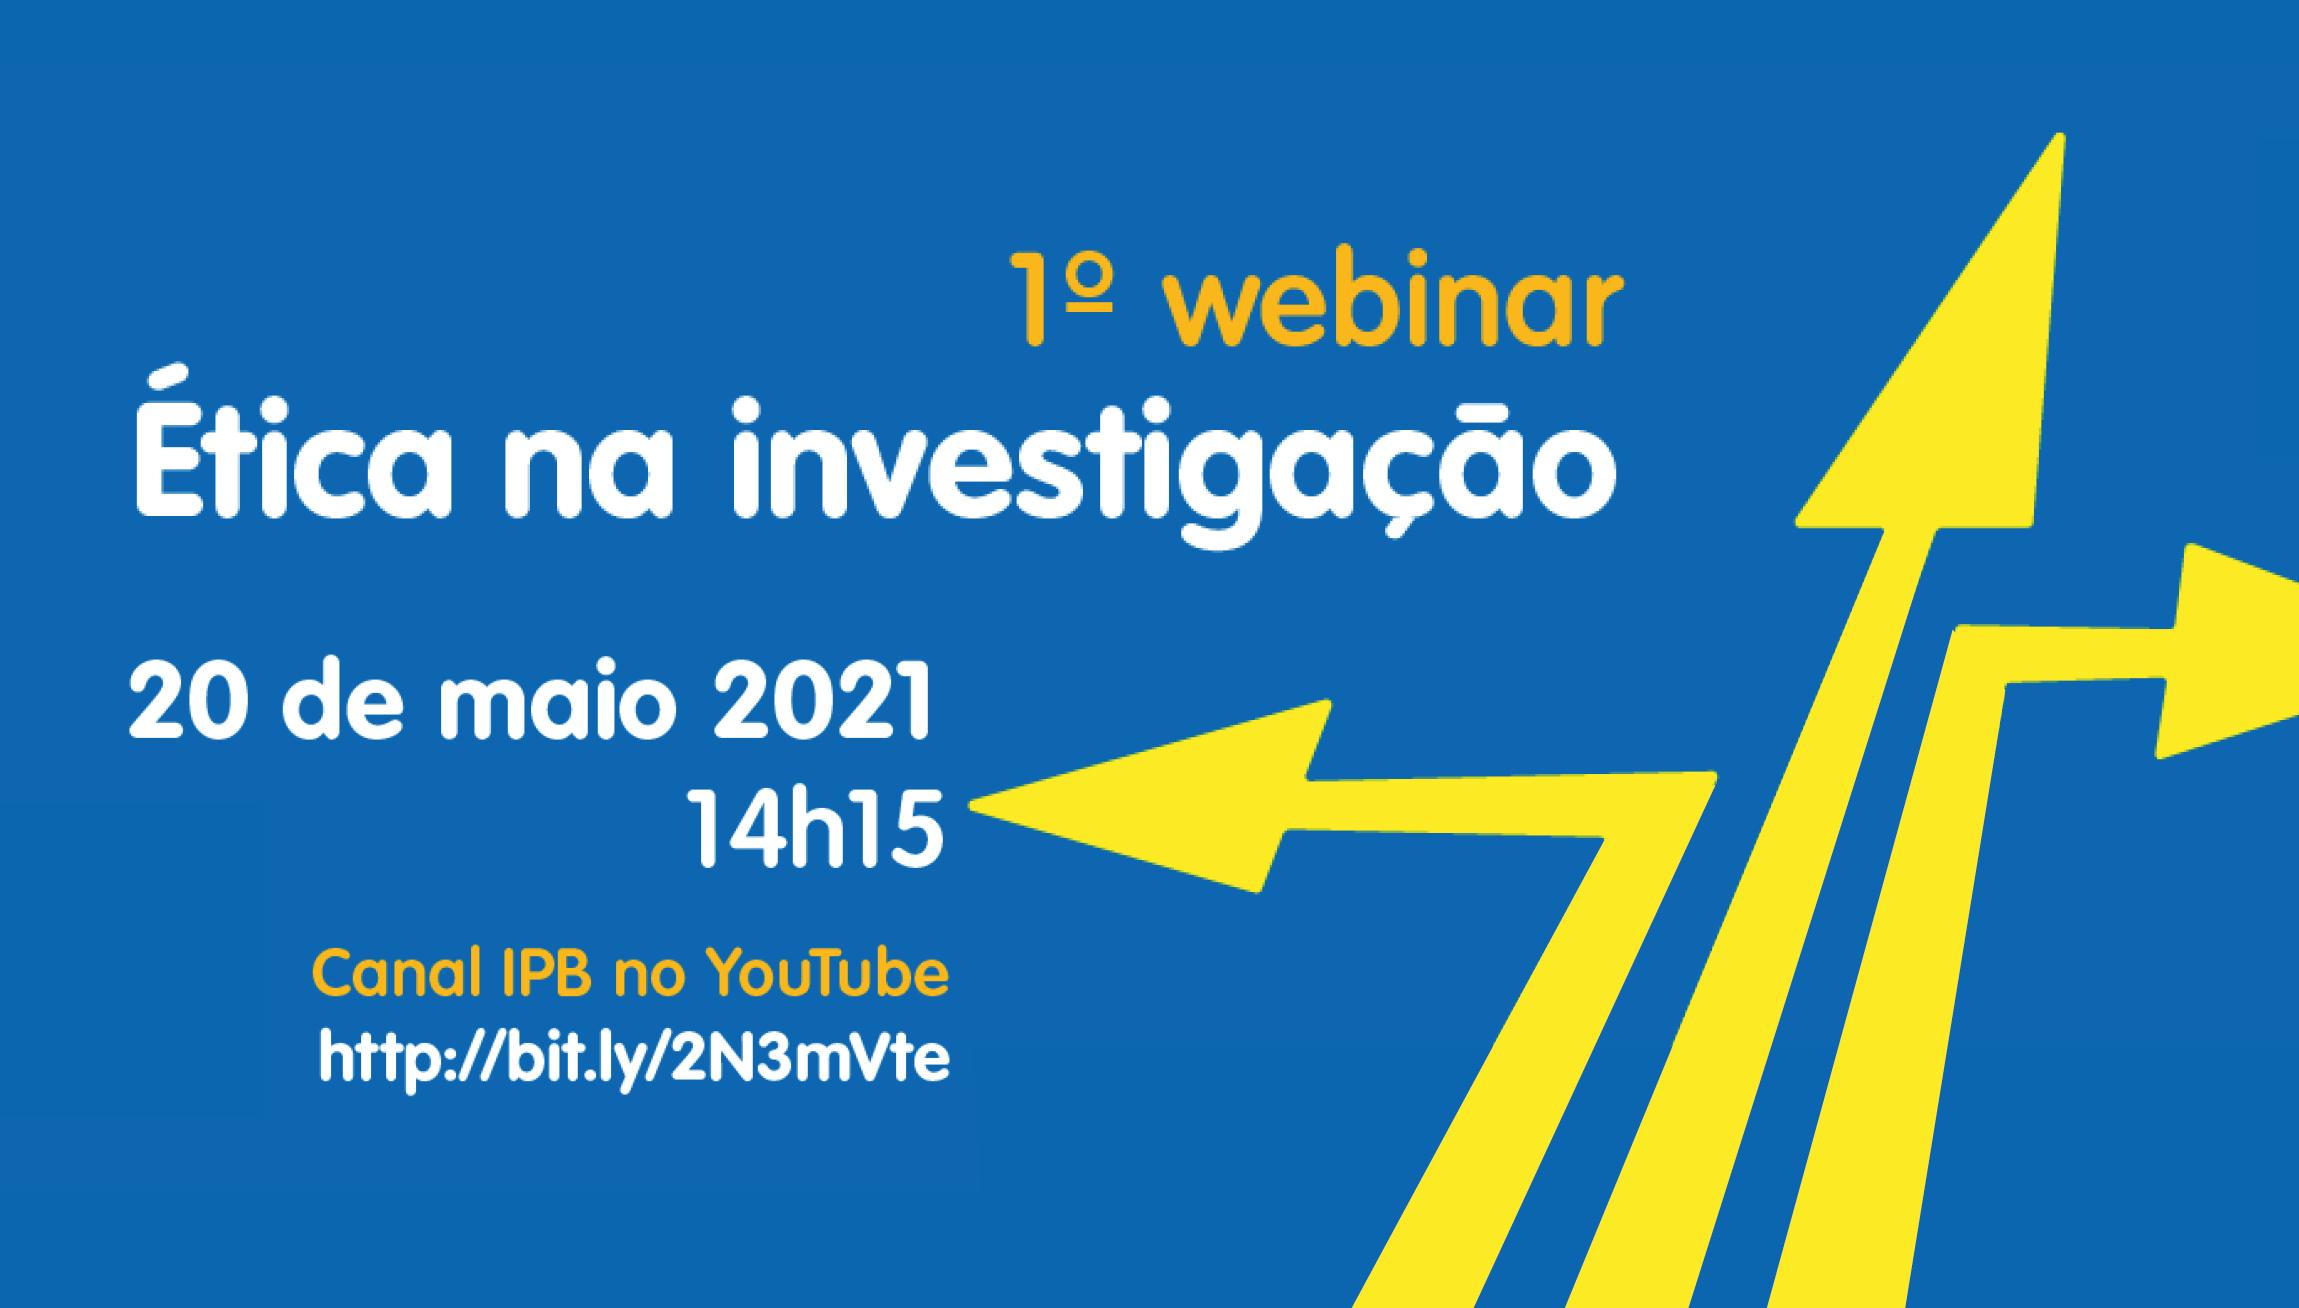 Plataforma Notícias Ordem Engenheiros Região Norte - Poças Martins convidado de webinar sobre ética na investigação